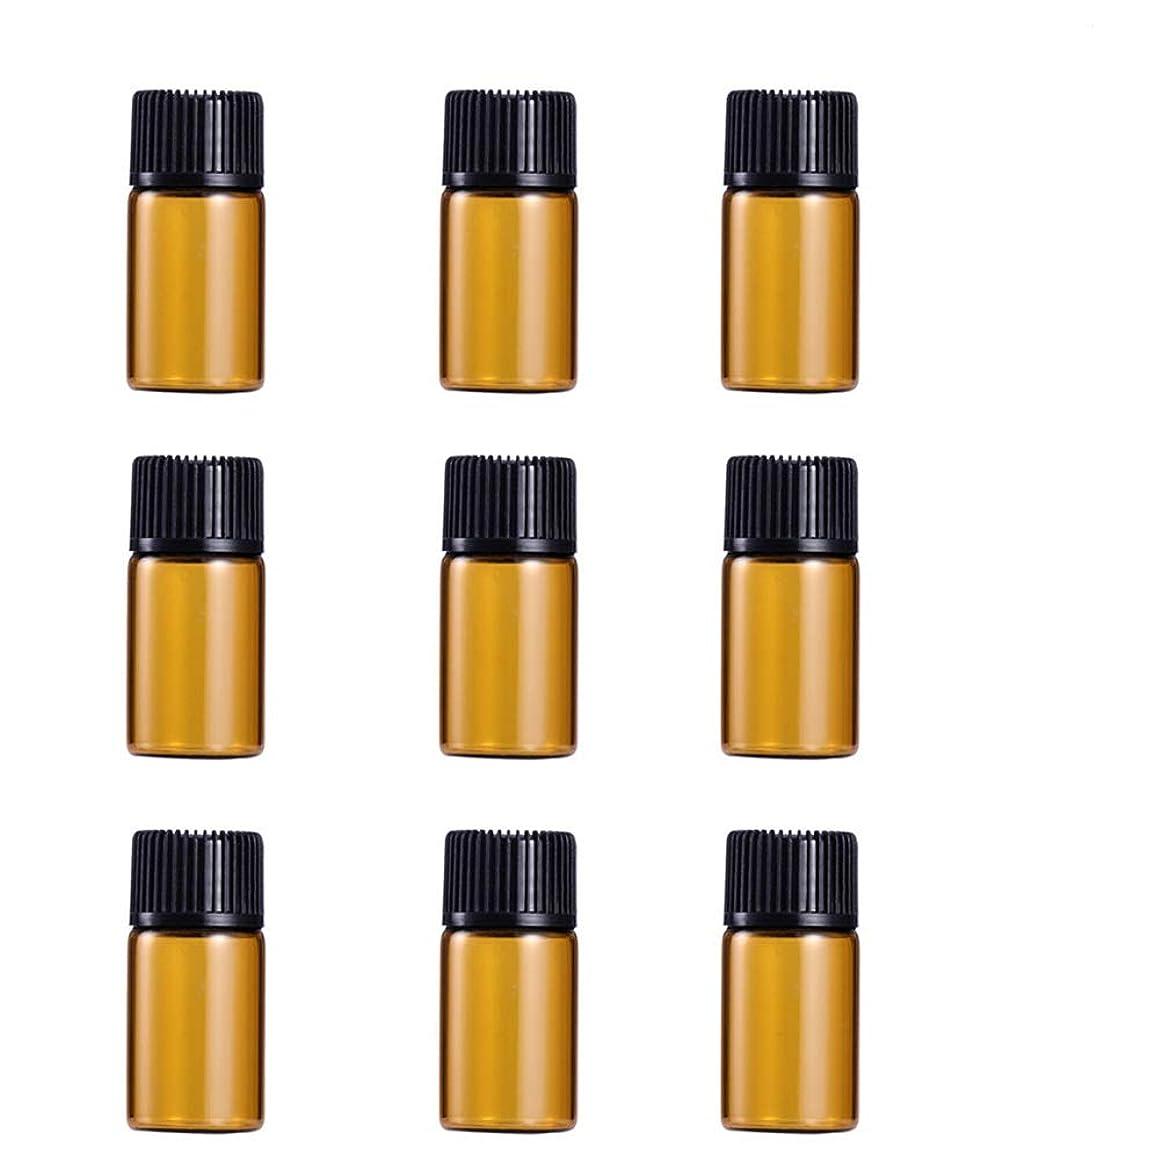 後世周術期ジェームズダイソンWINOMO 遮光瓶 アロマオイル 精油 小分け用 遮光瓶セット アロマボトル 保存容器 エッセンシャルオイル 香水 保存用 詰替え ガラス 茶色(9個入り 3ml)